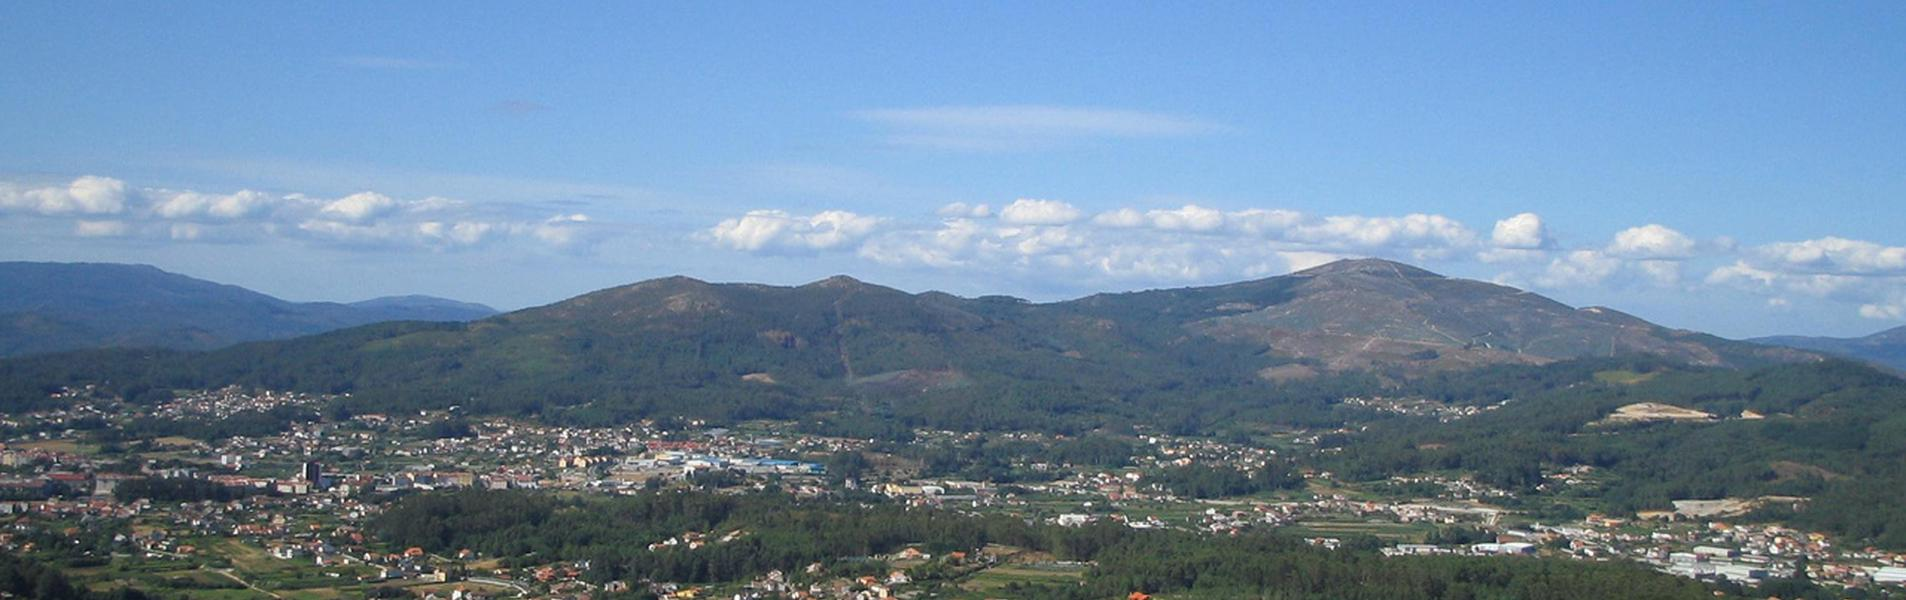 Mirador Monte Xiabre